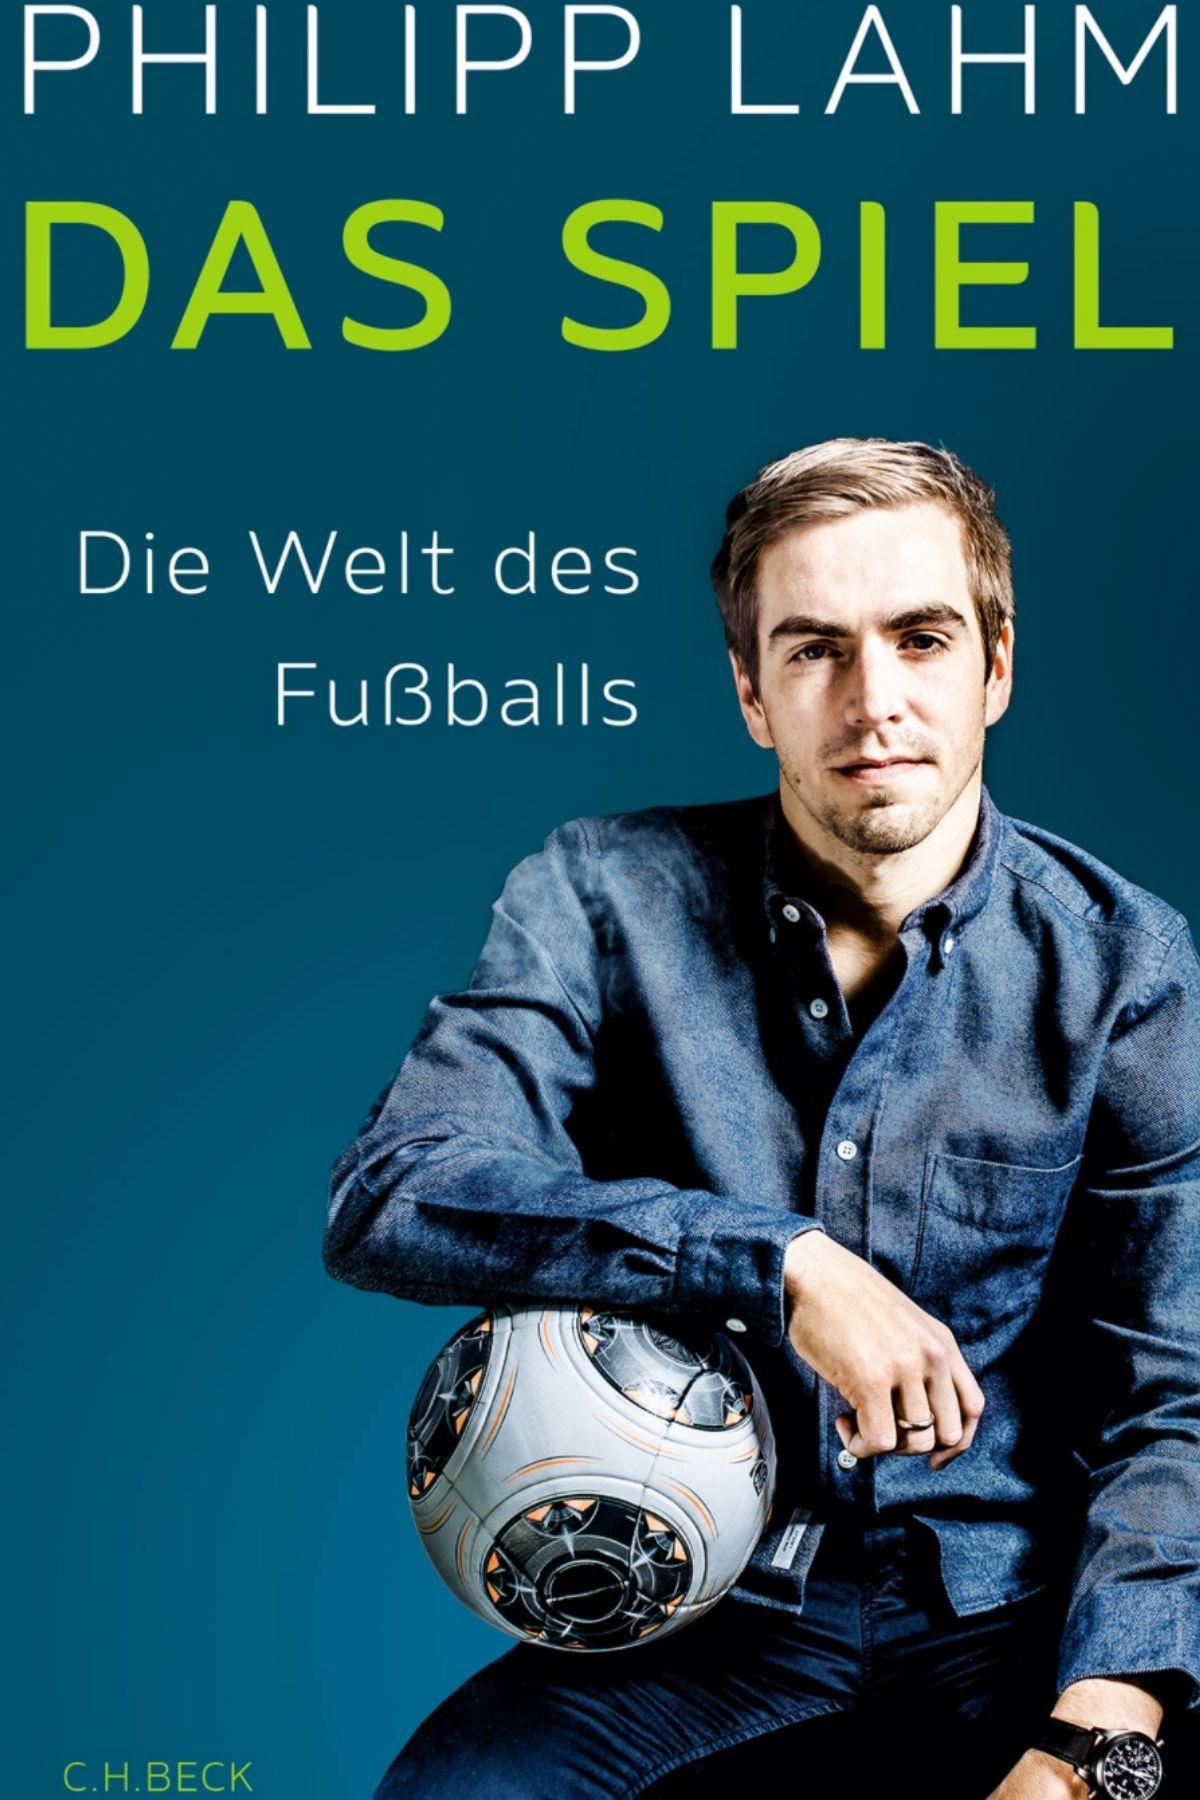 Philipp Lahm rät Fußballern davon ab, sich zu outen